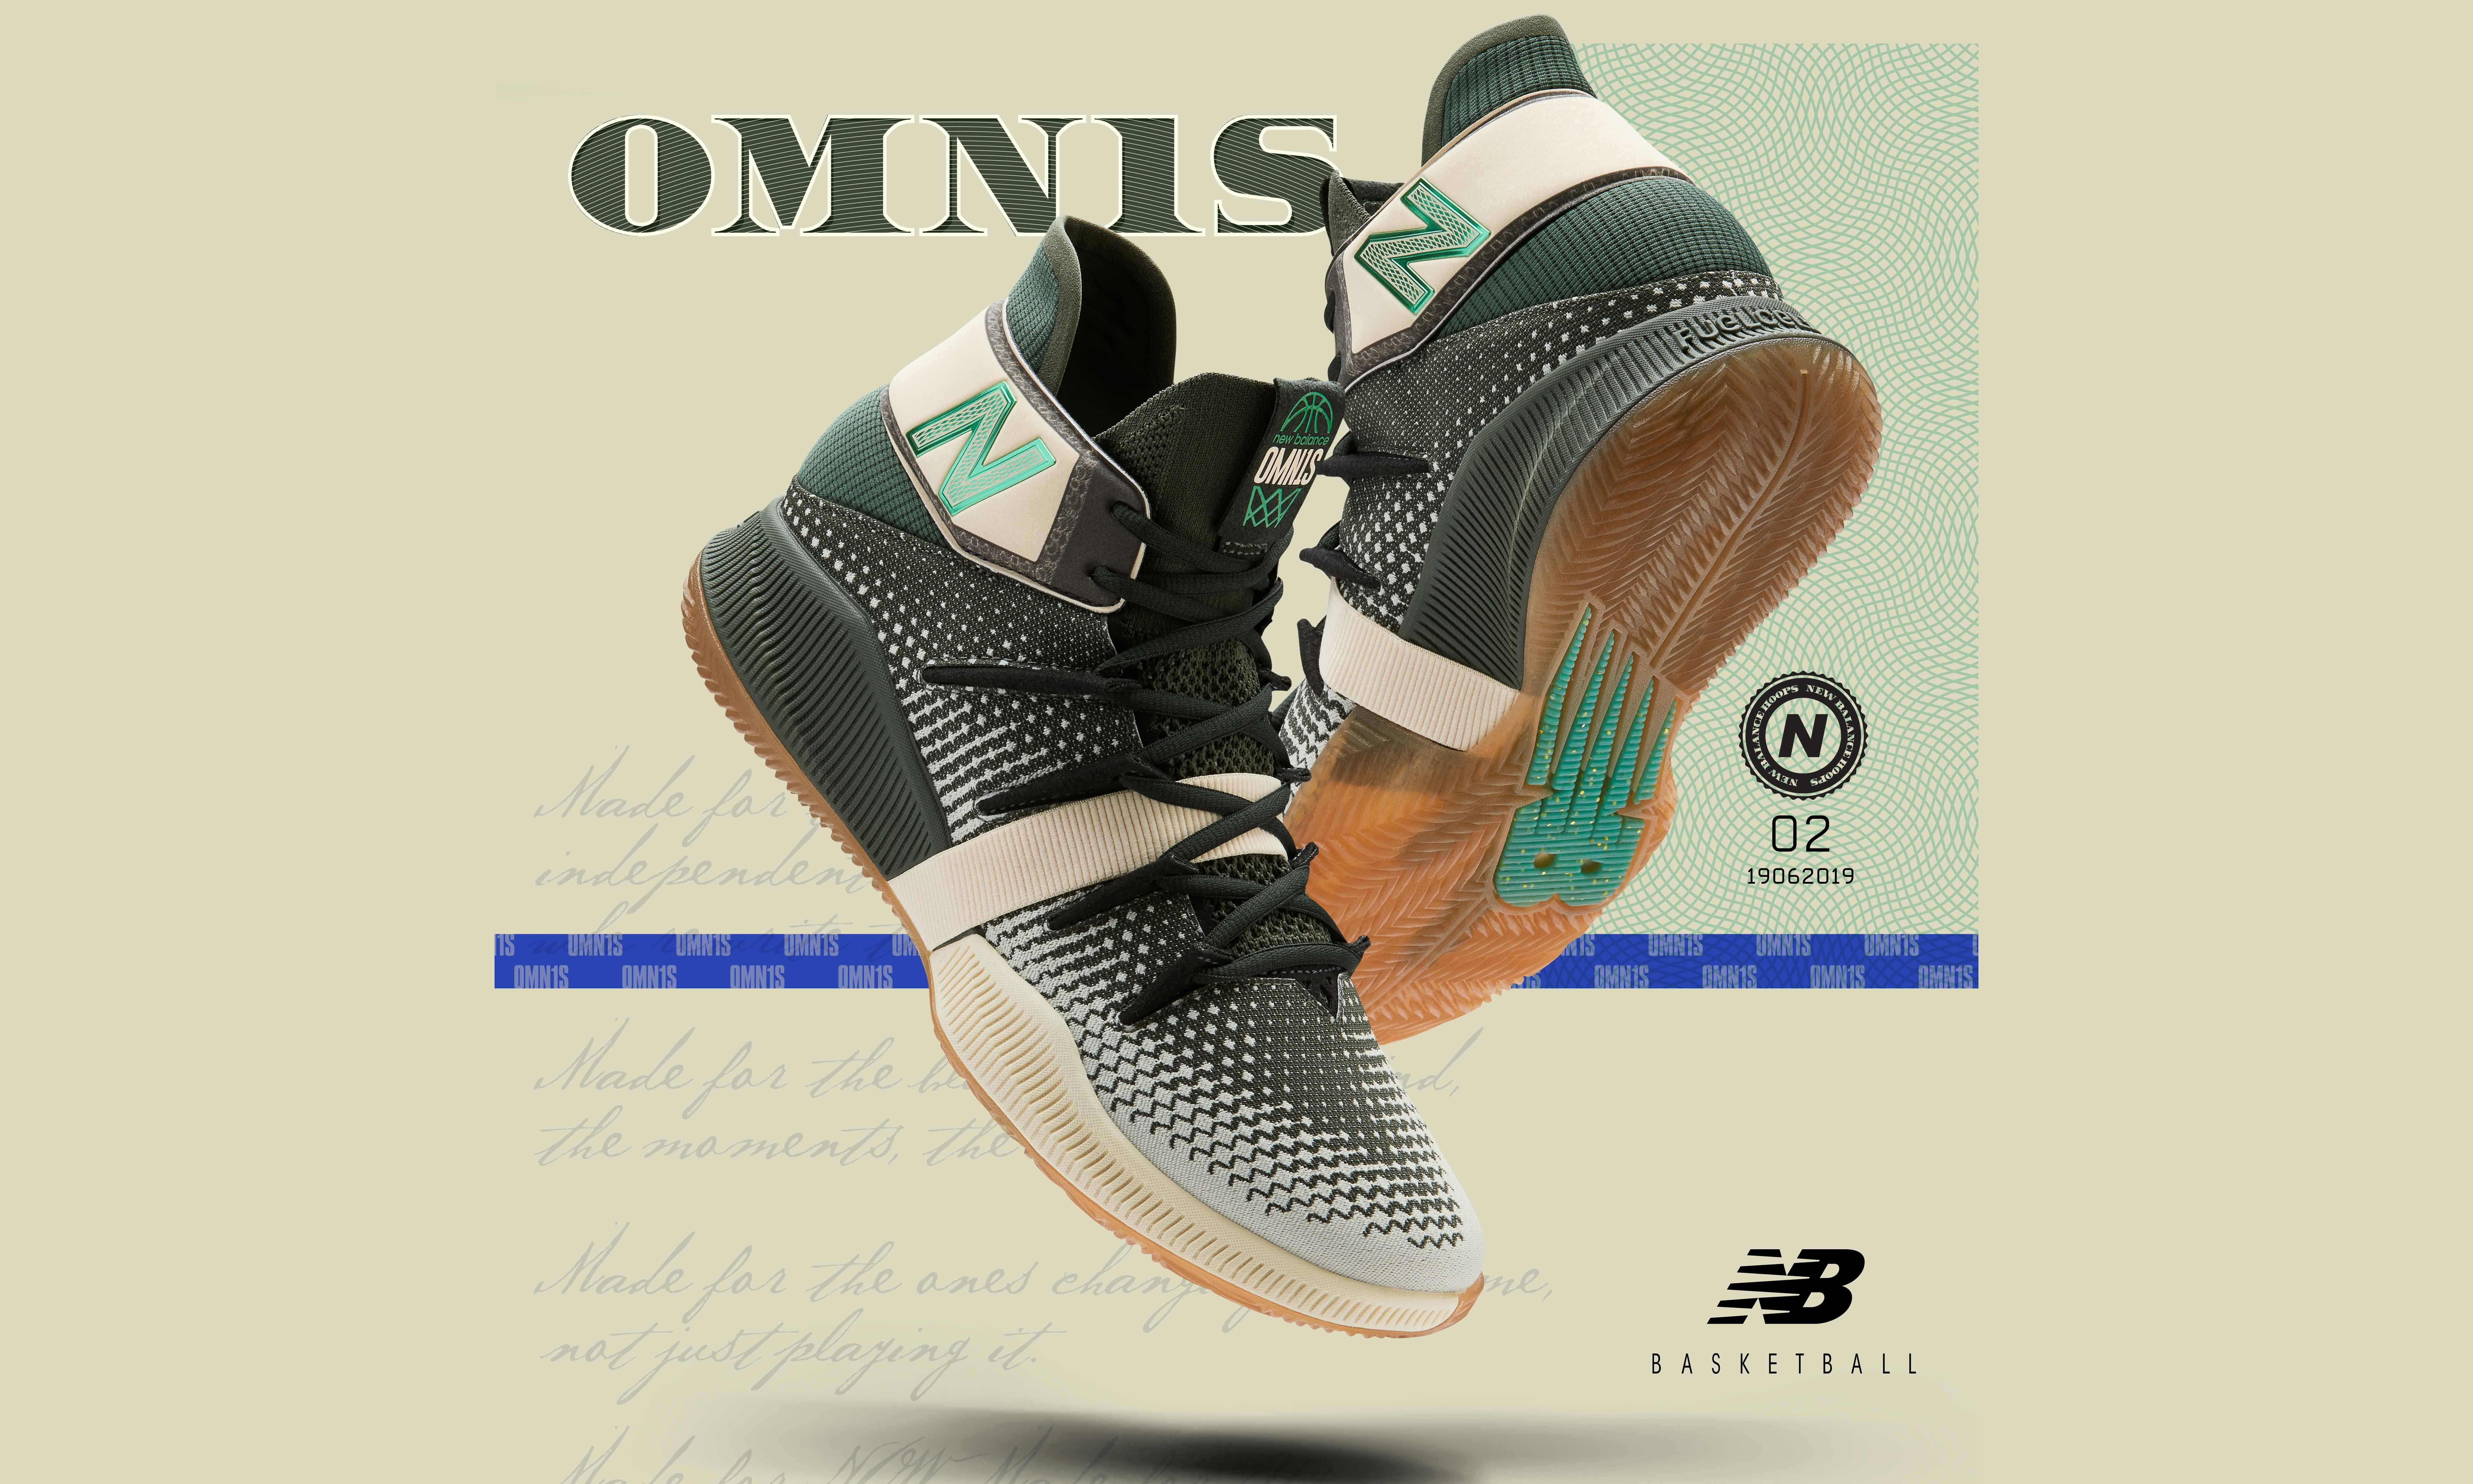 权势象征,New Balance 发布「Money Stack」配色 OMN1S 篮球鞋